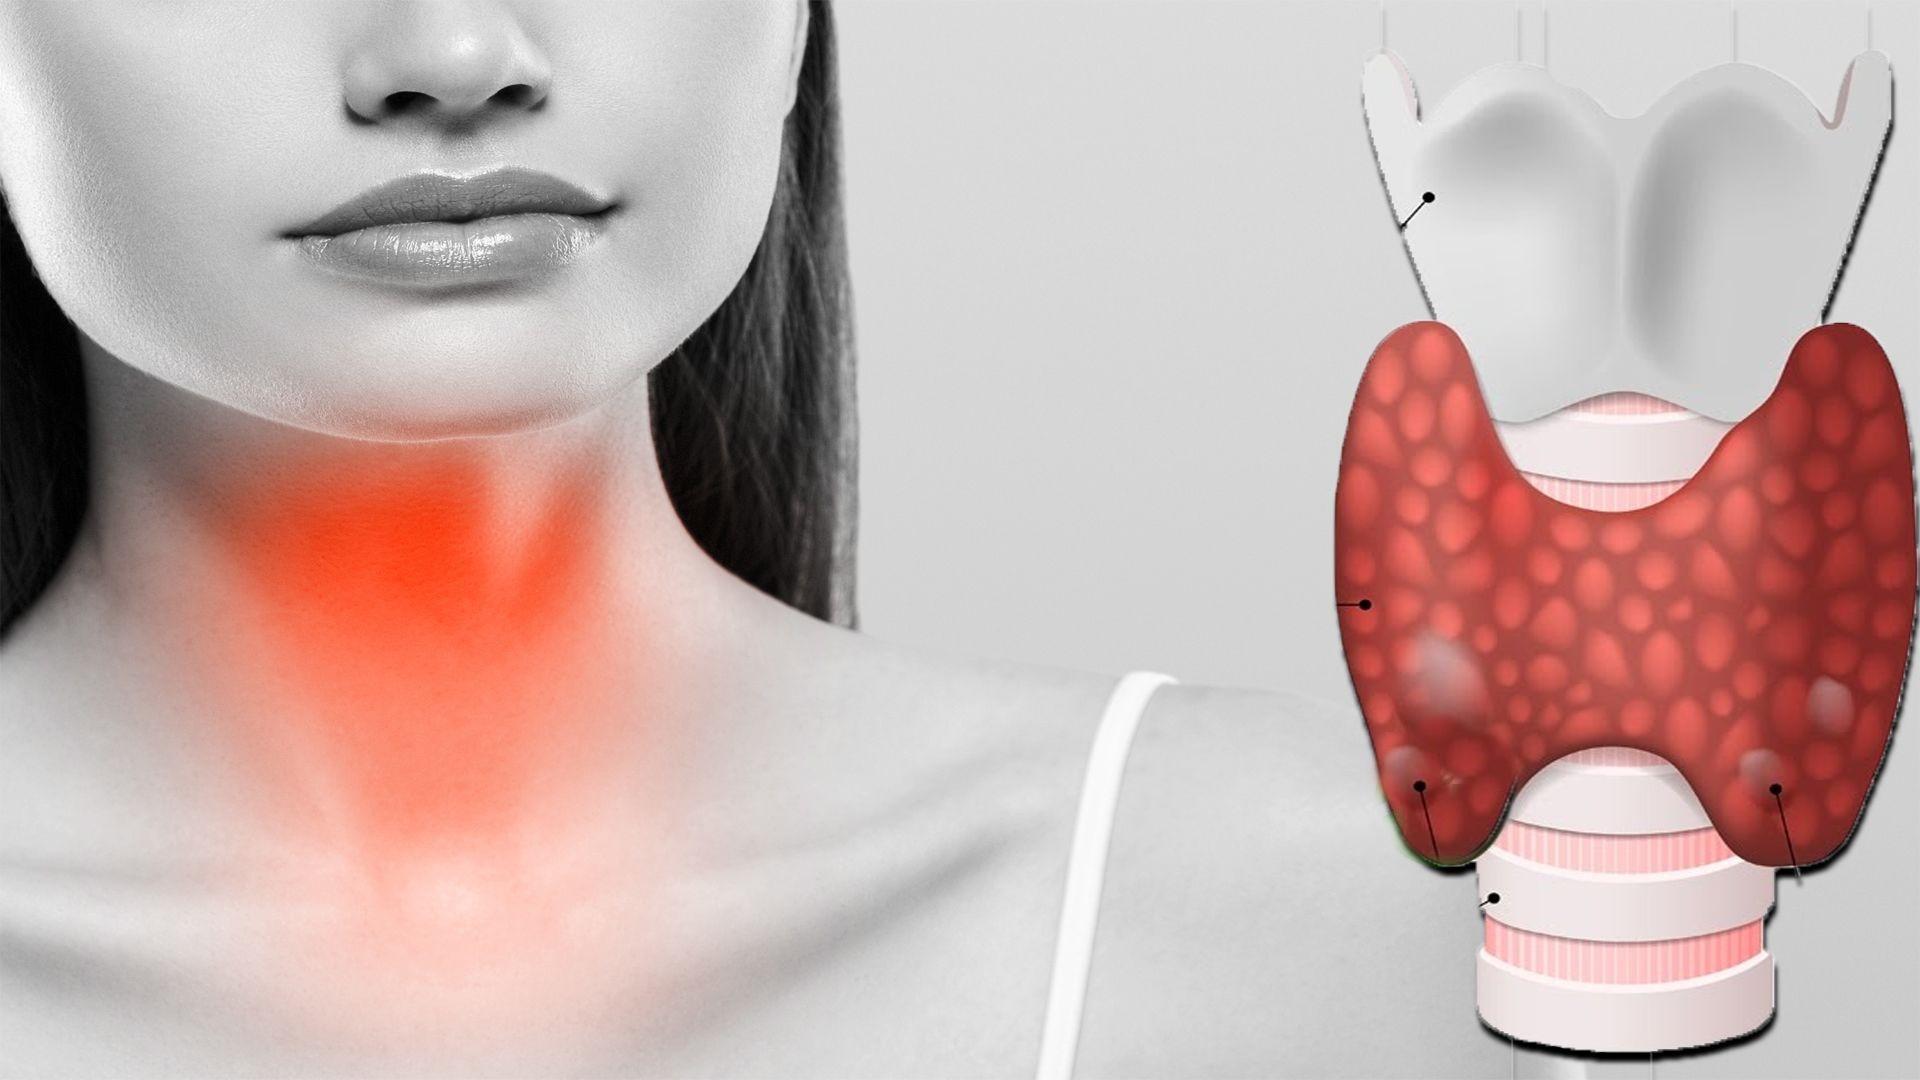 Probleme tiroidiene: 3 tratamente pe care le puteți aplica acasă … 5 obiceiuri care înrăutățesc problemele tiroidiene